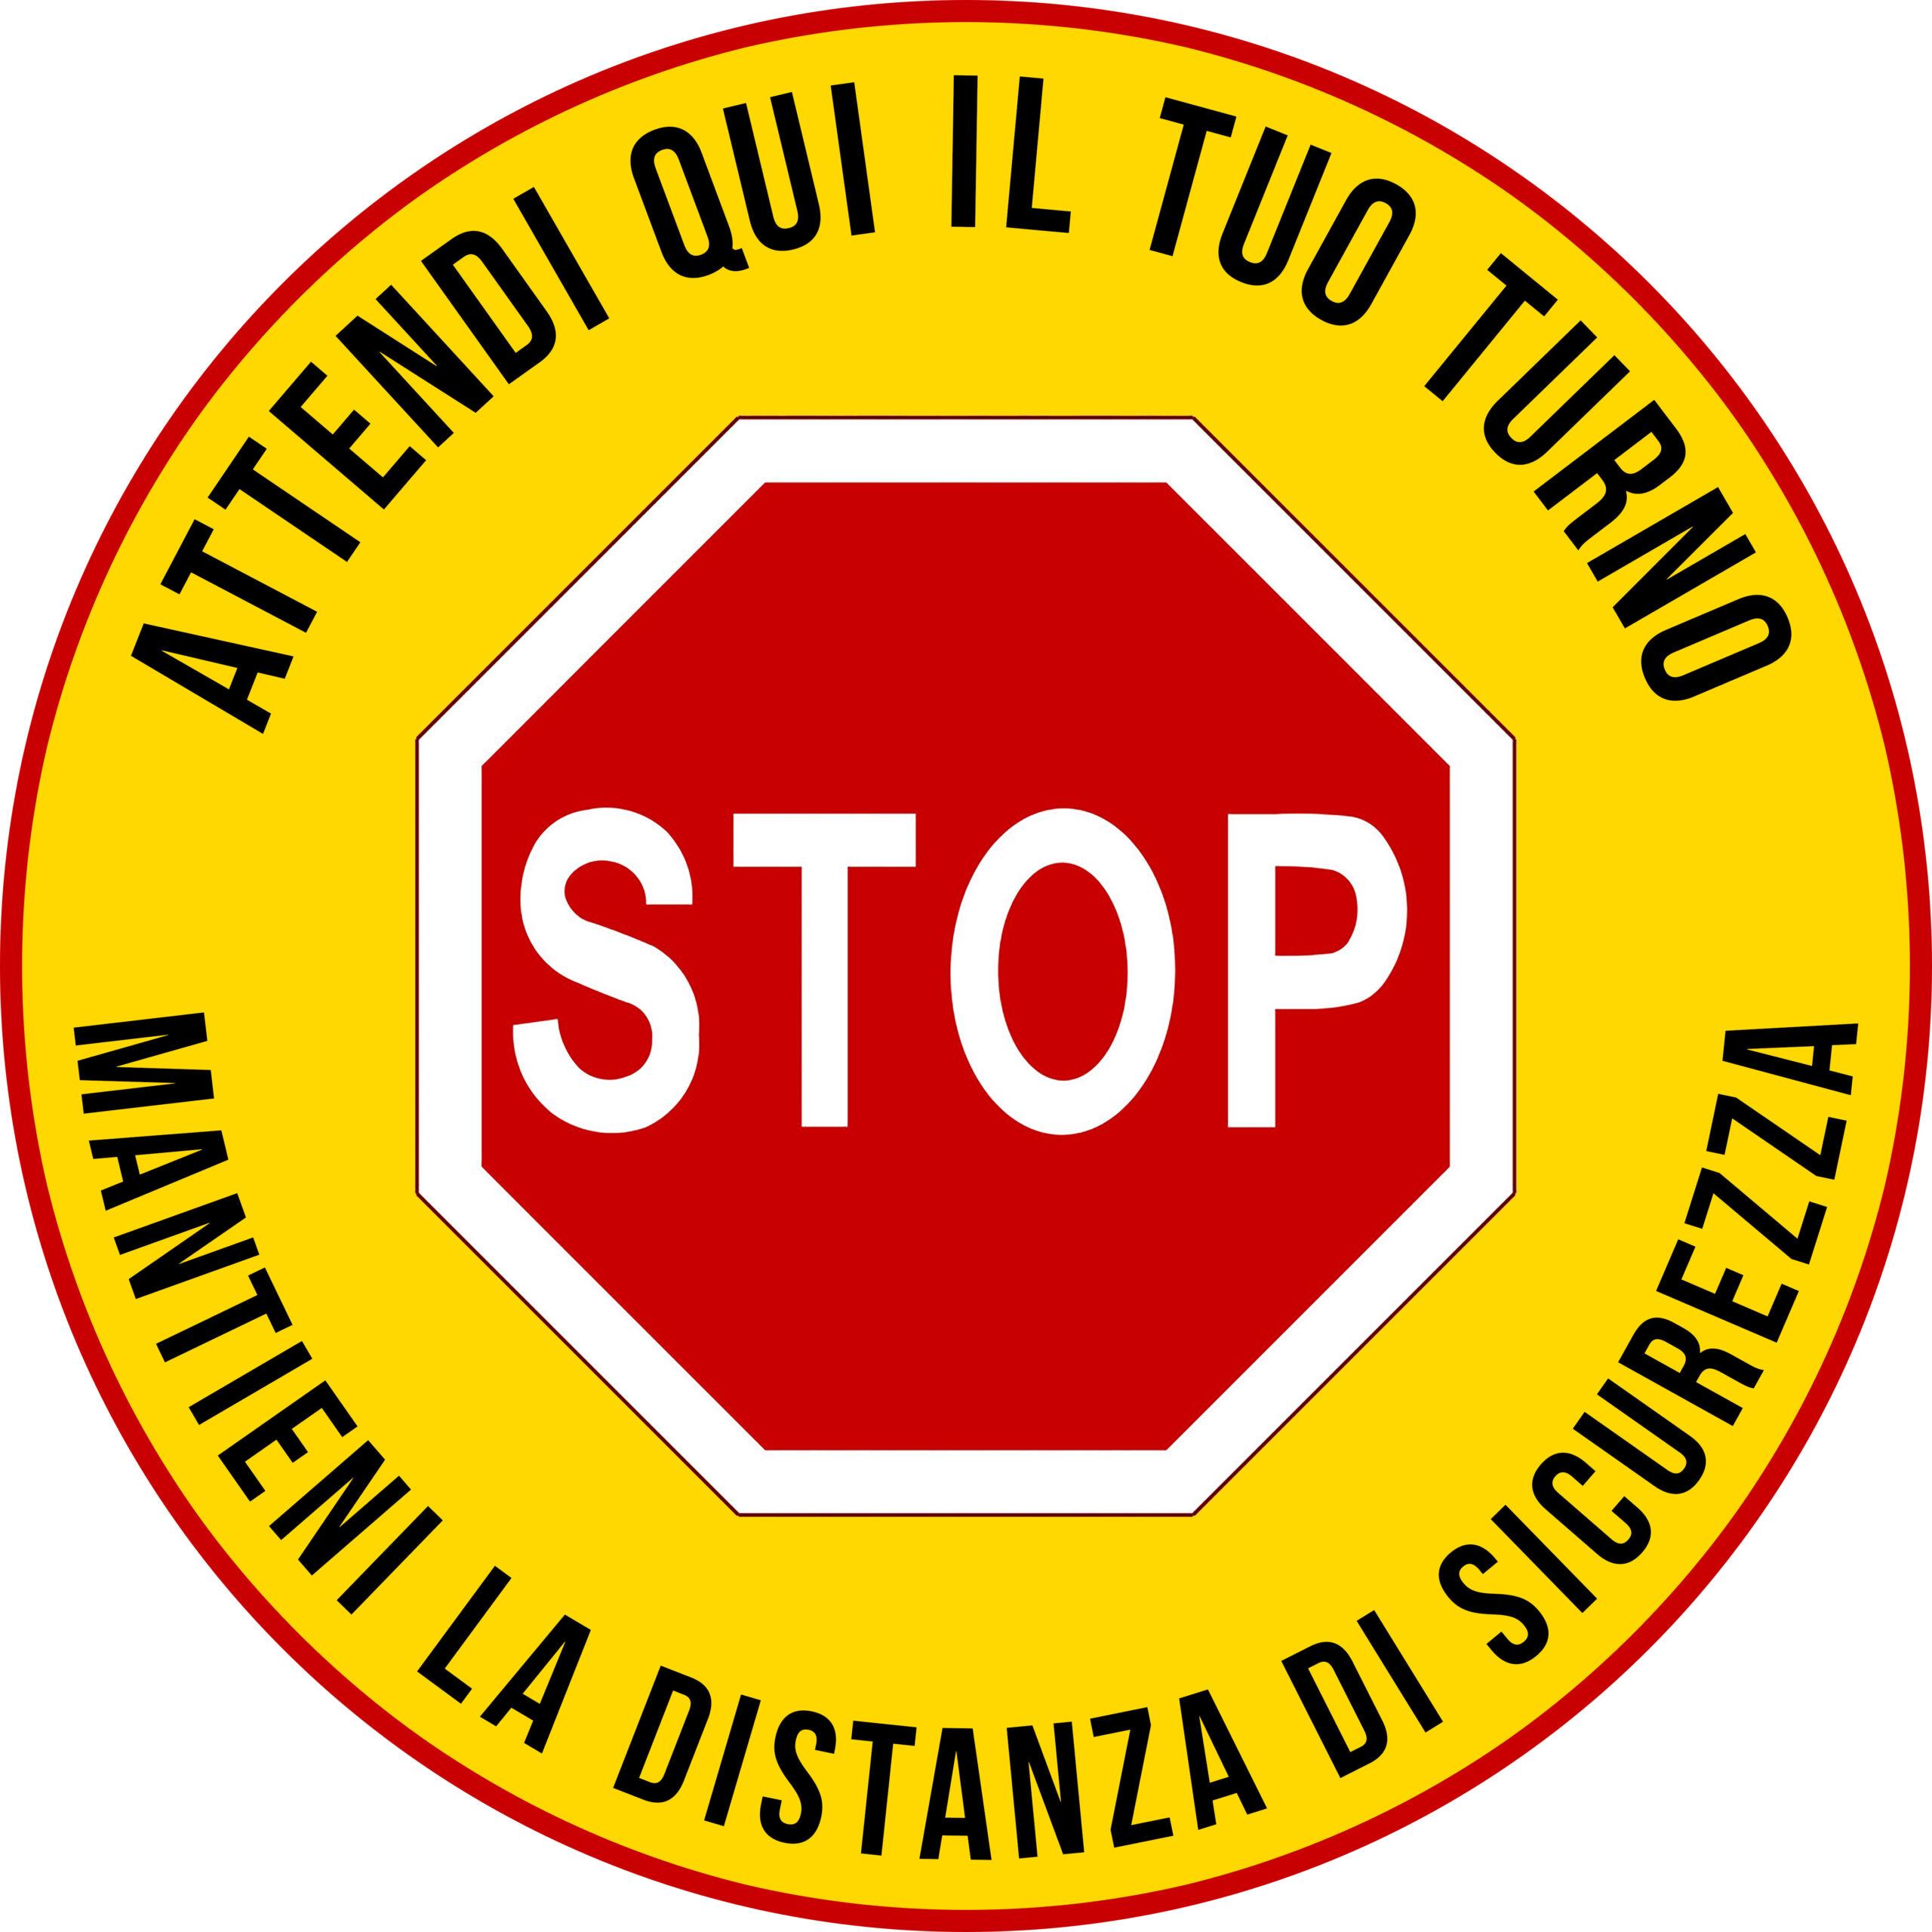 Adesivo -Stop - Atttendi qui il tuo turno - Mantieni la distanza di sicurezza